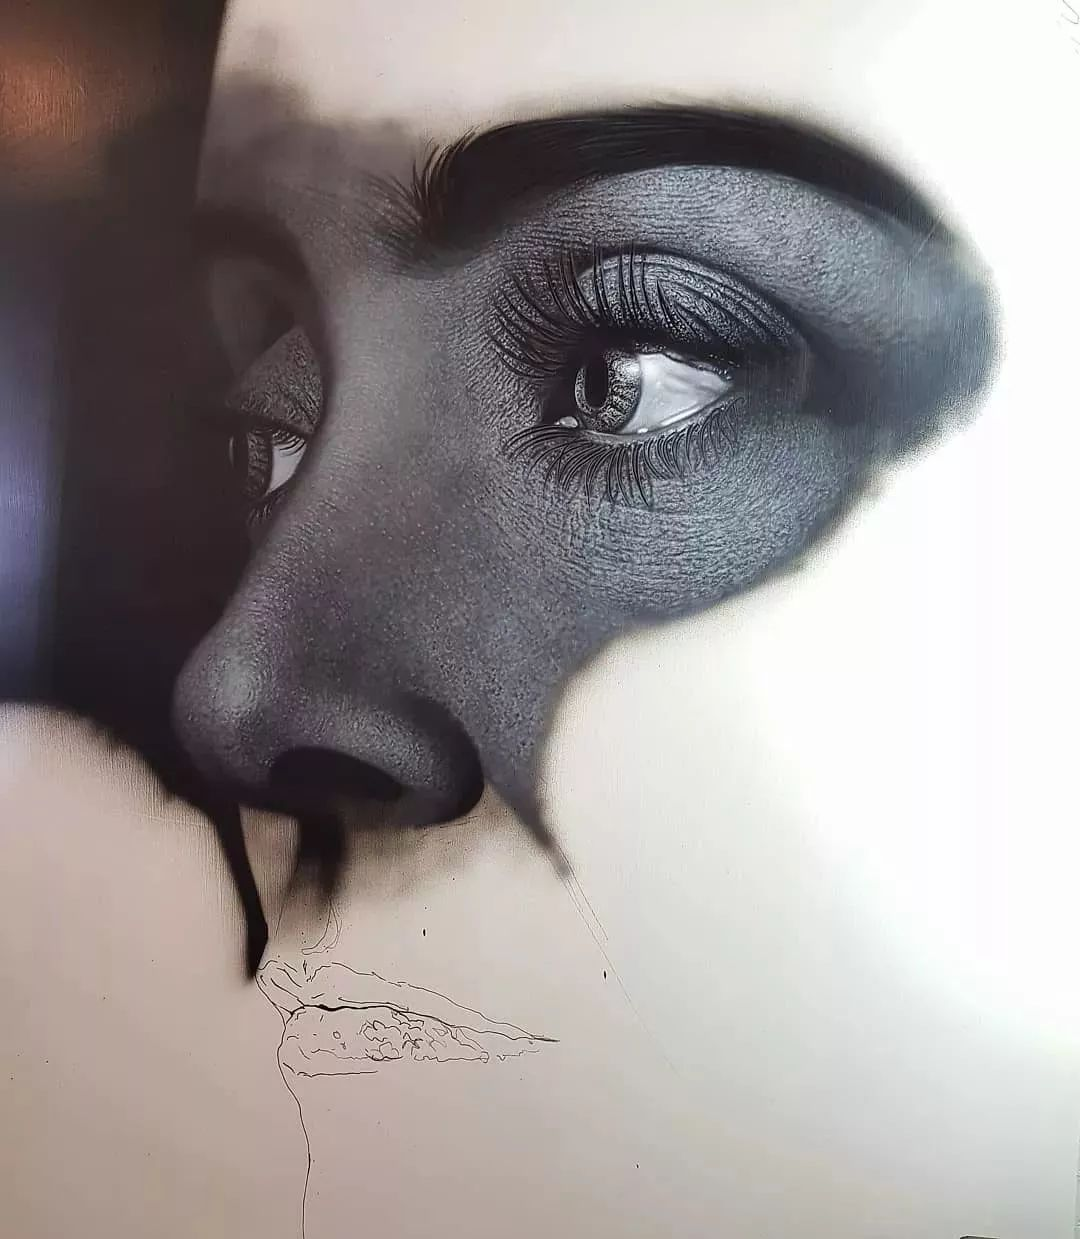 超写实绘画作品——Kamalky Laureano插图29